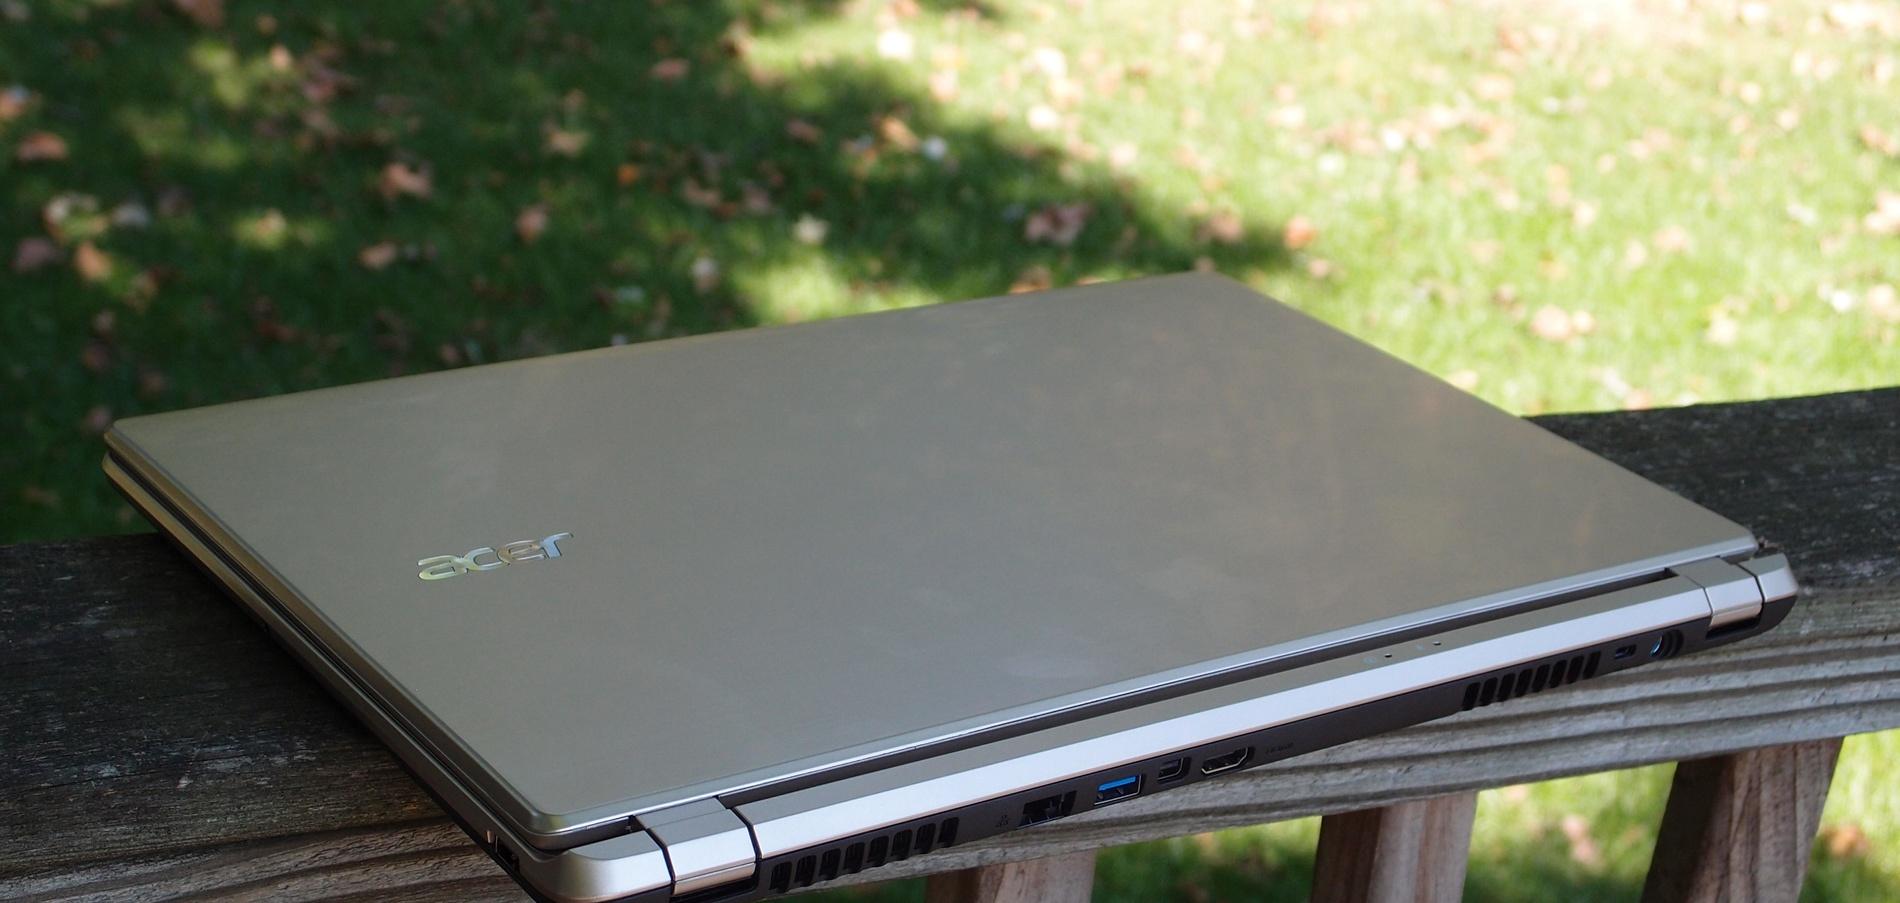 Acer Aspire V5-552PG на скамейке